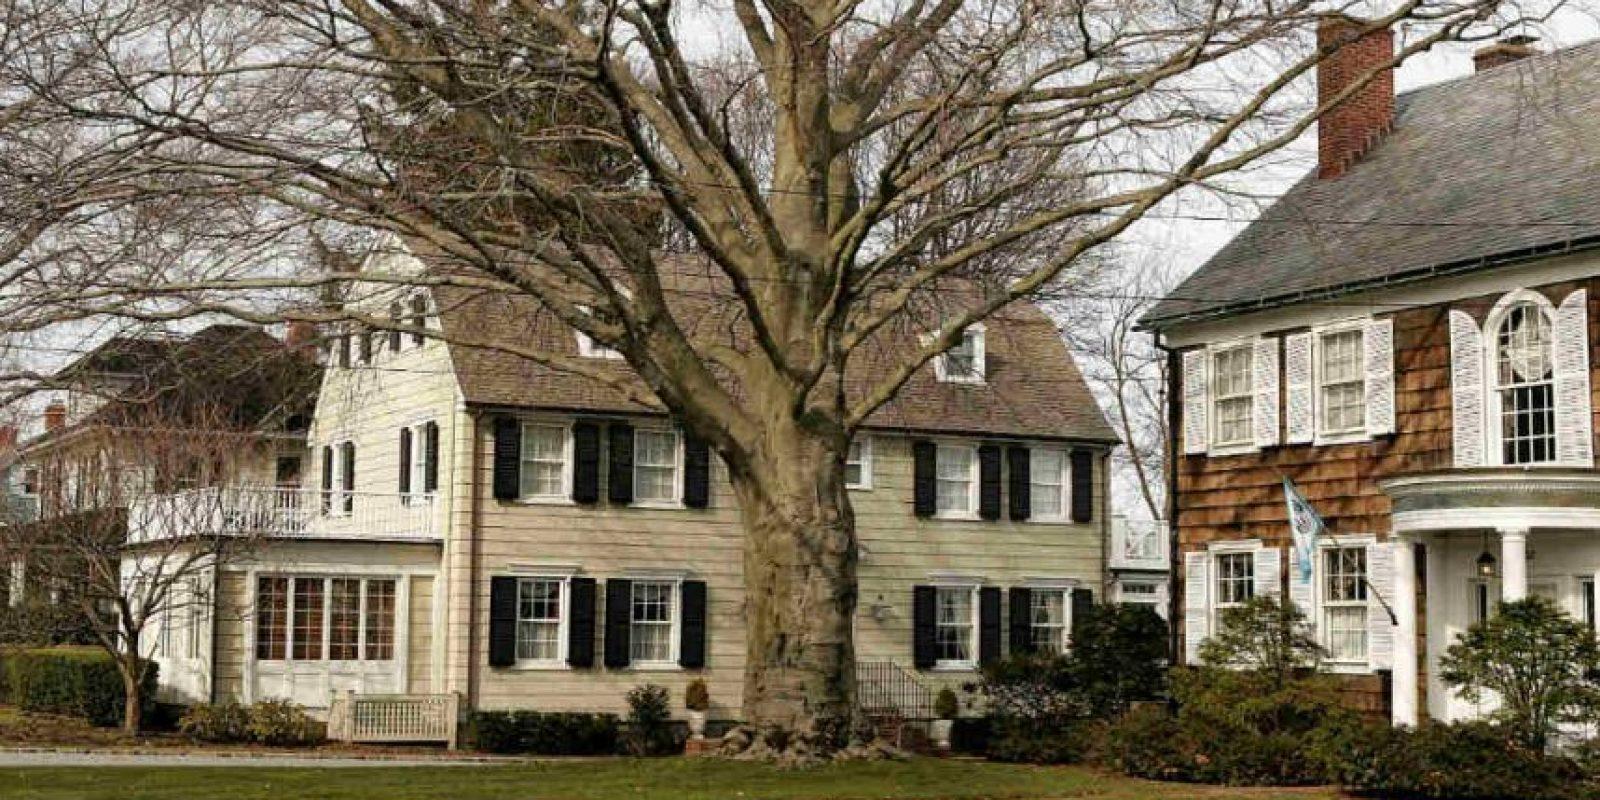 La casa de los horrores de Amityville. Foto:Getty Images